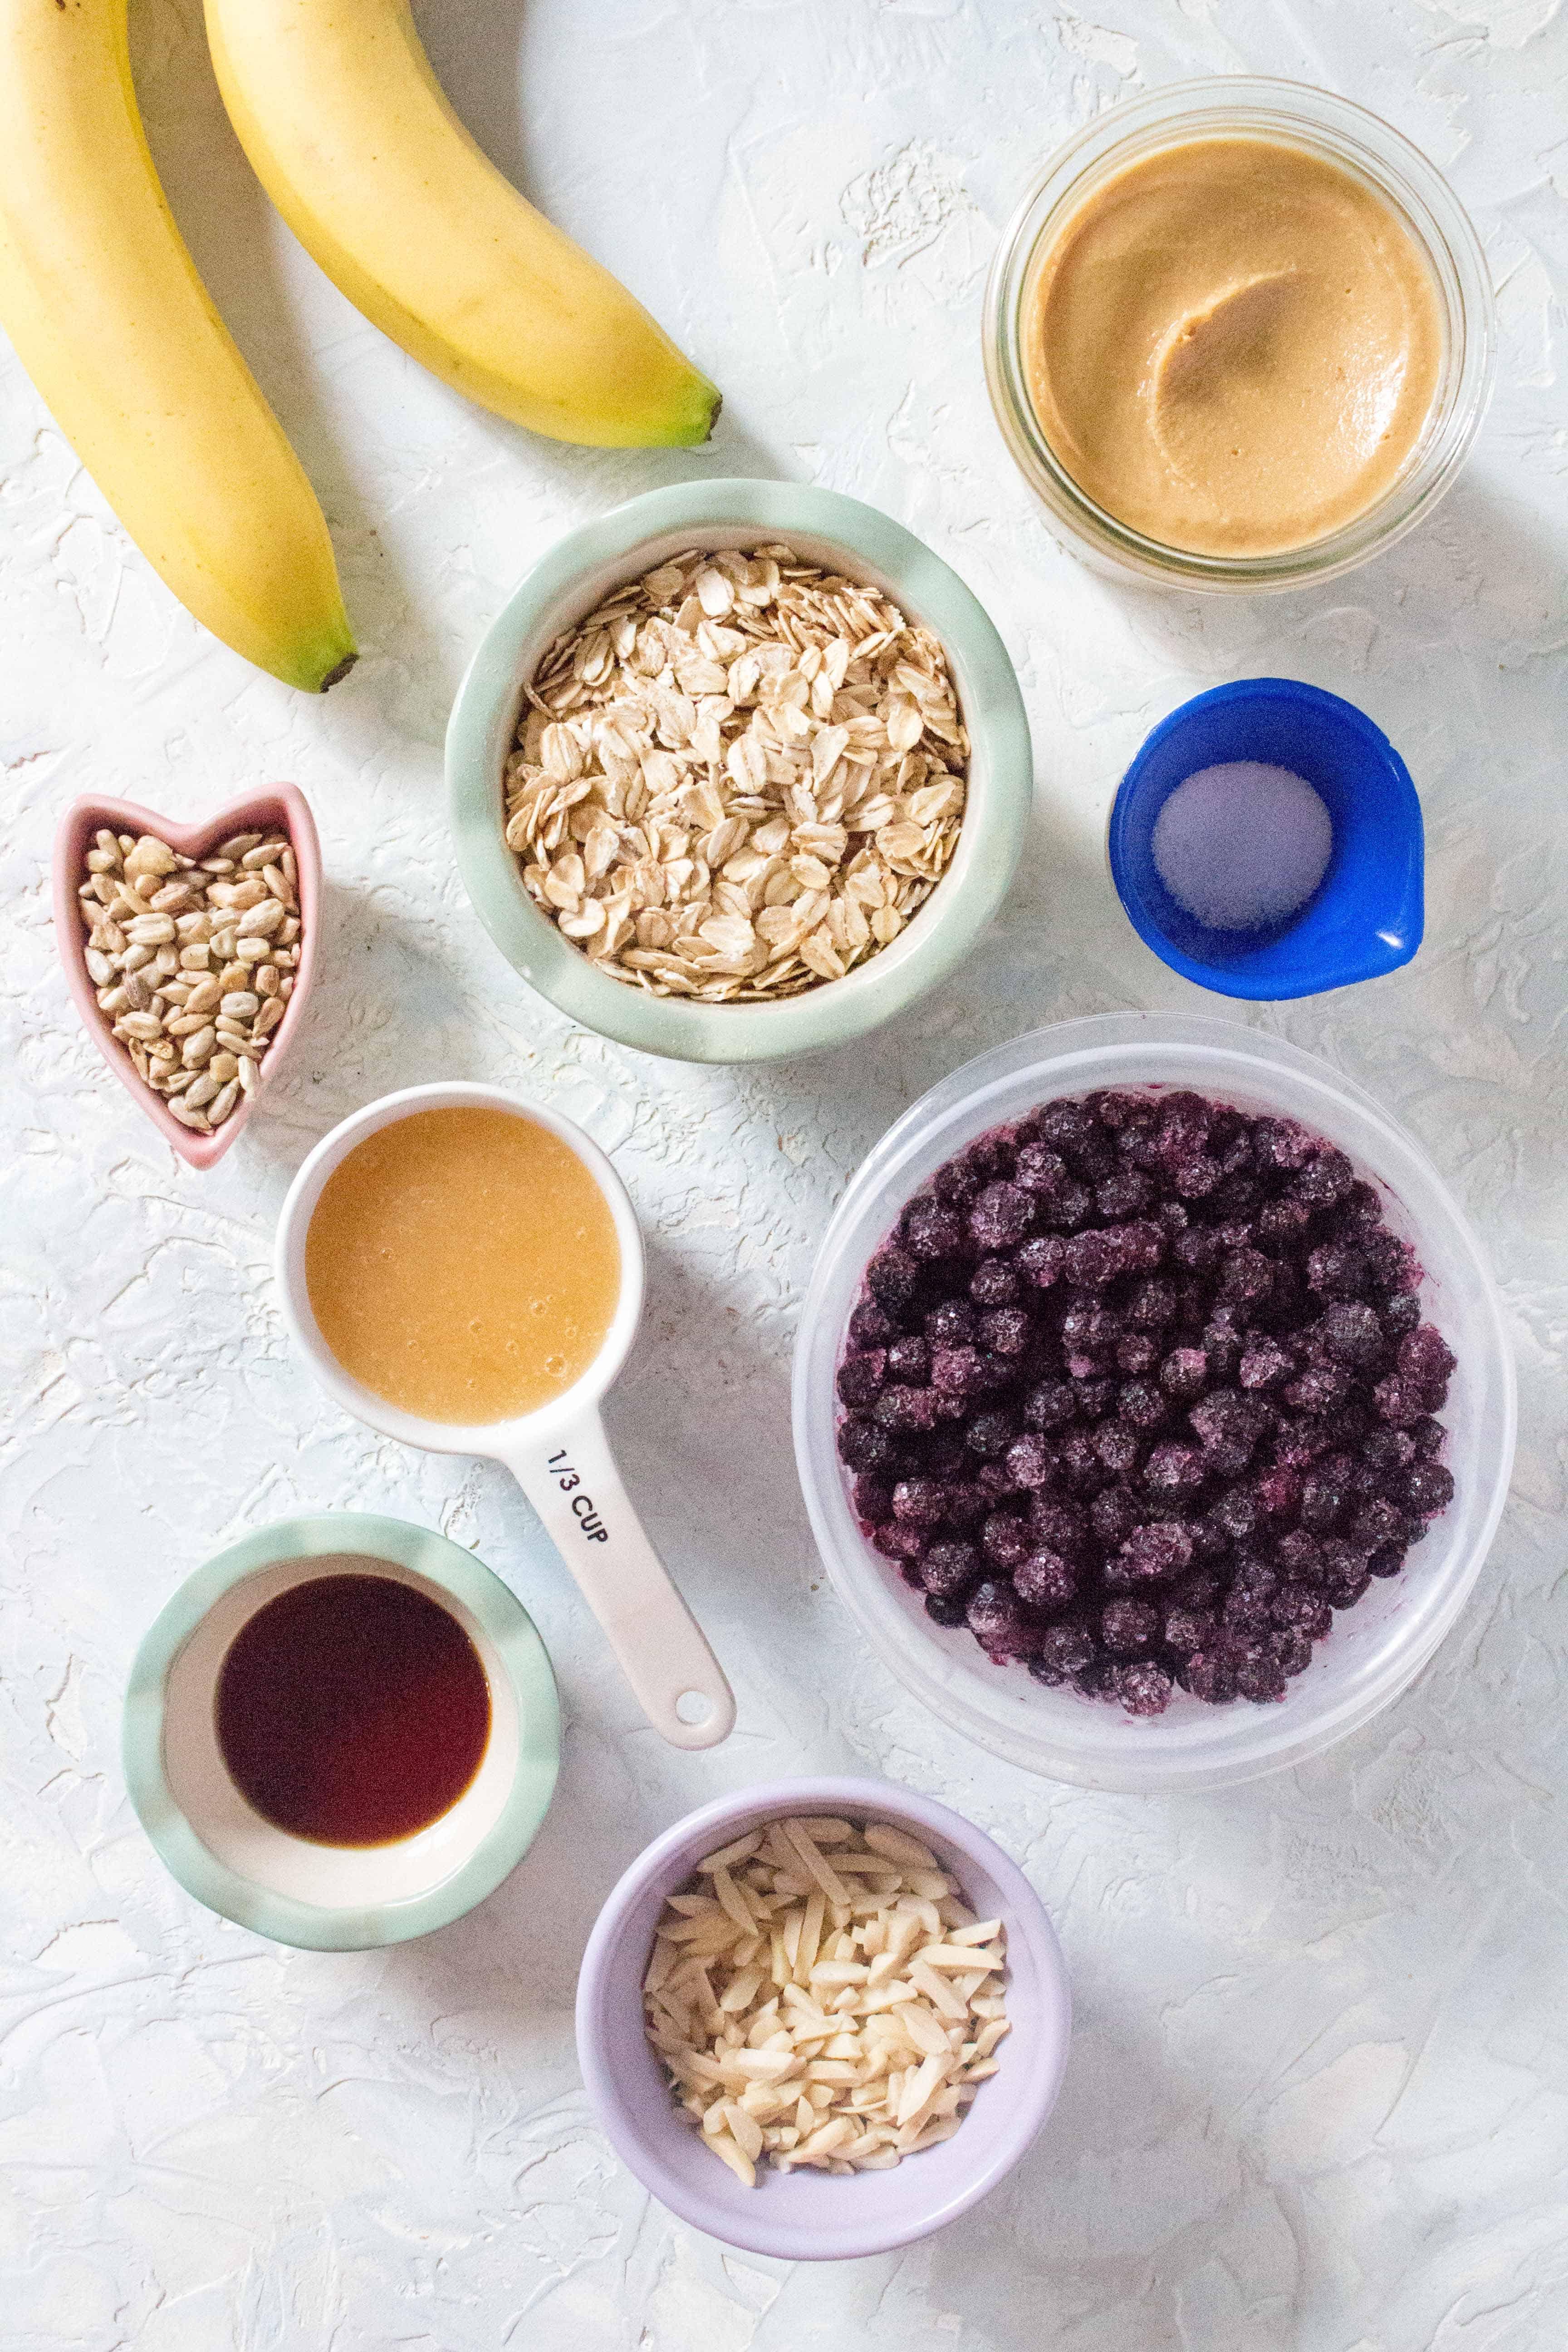 Wholesome Breakfast Cookies Ingredients